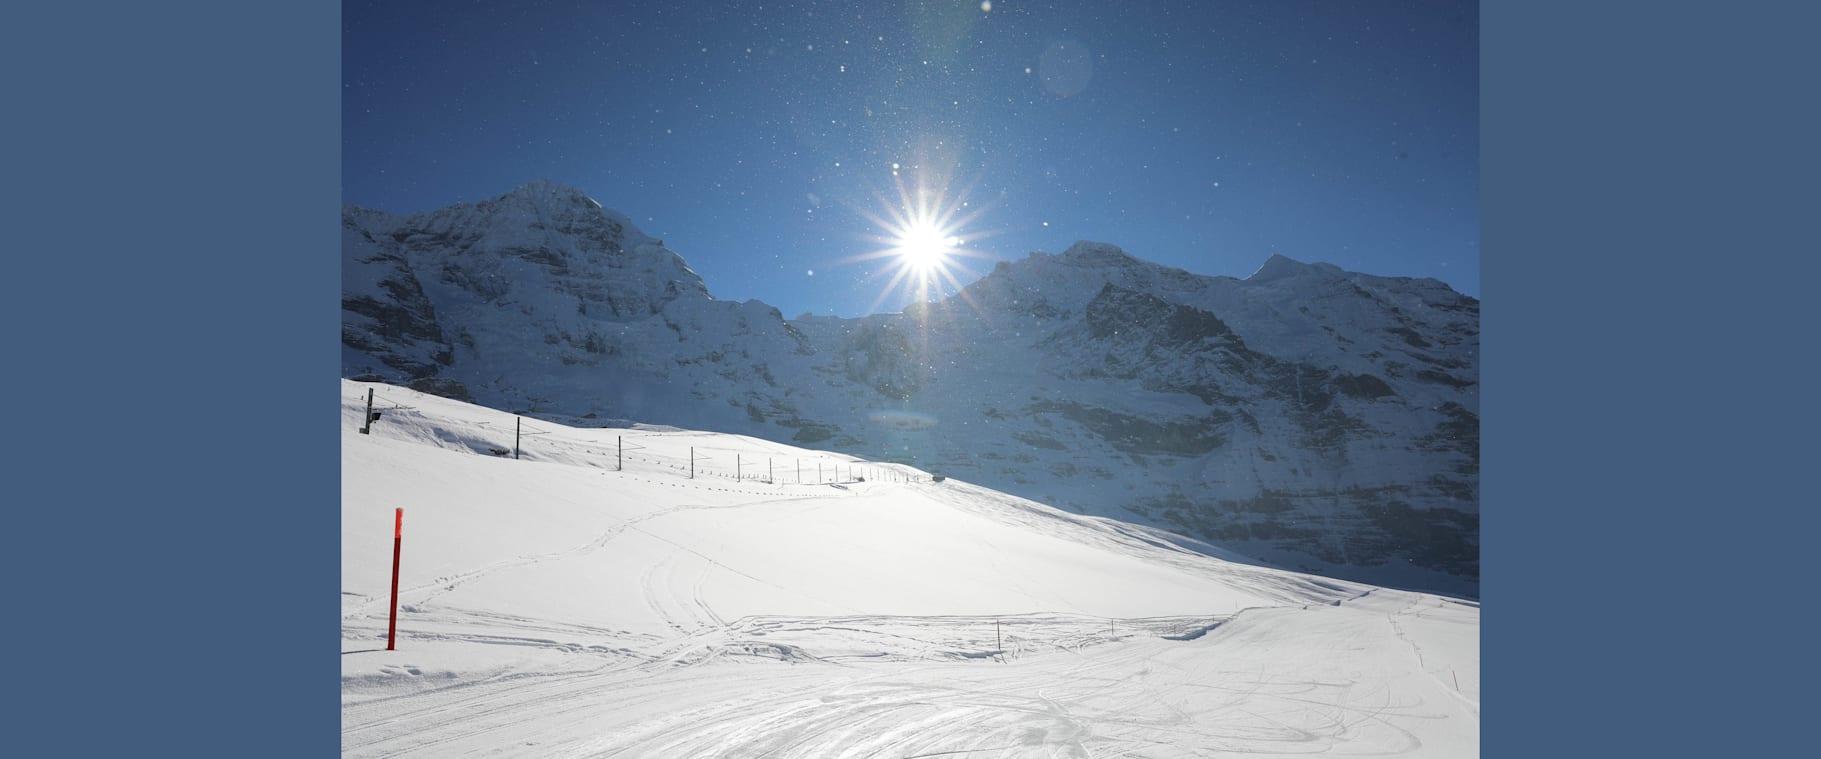 Ideale Wintersportverhaltnisse in Grindelwald und Wengen im Hintergrund Monch Jungfrau und Silberhorn